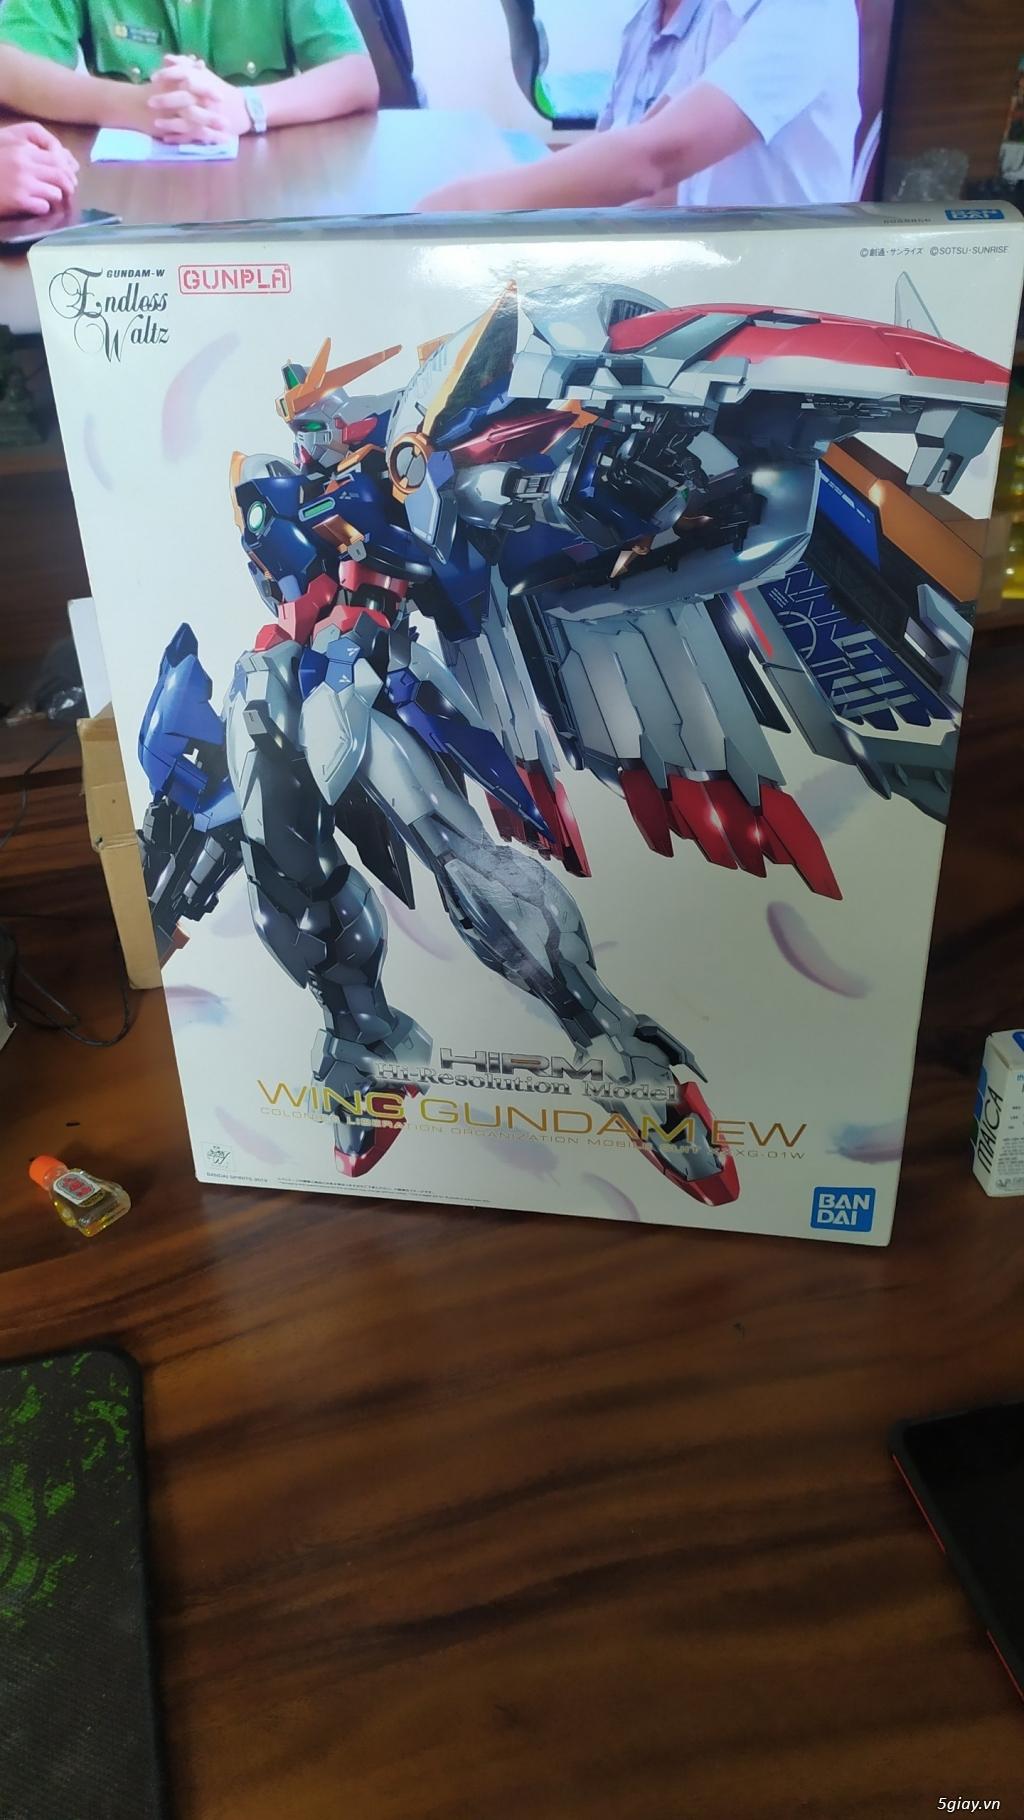 Cần Thanh lý gấp Mô Hình Gundam P-Bandai HIRM Wing Gundam EW - 1